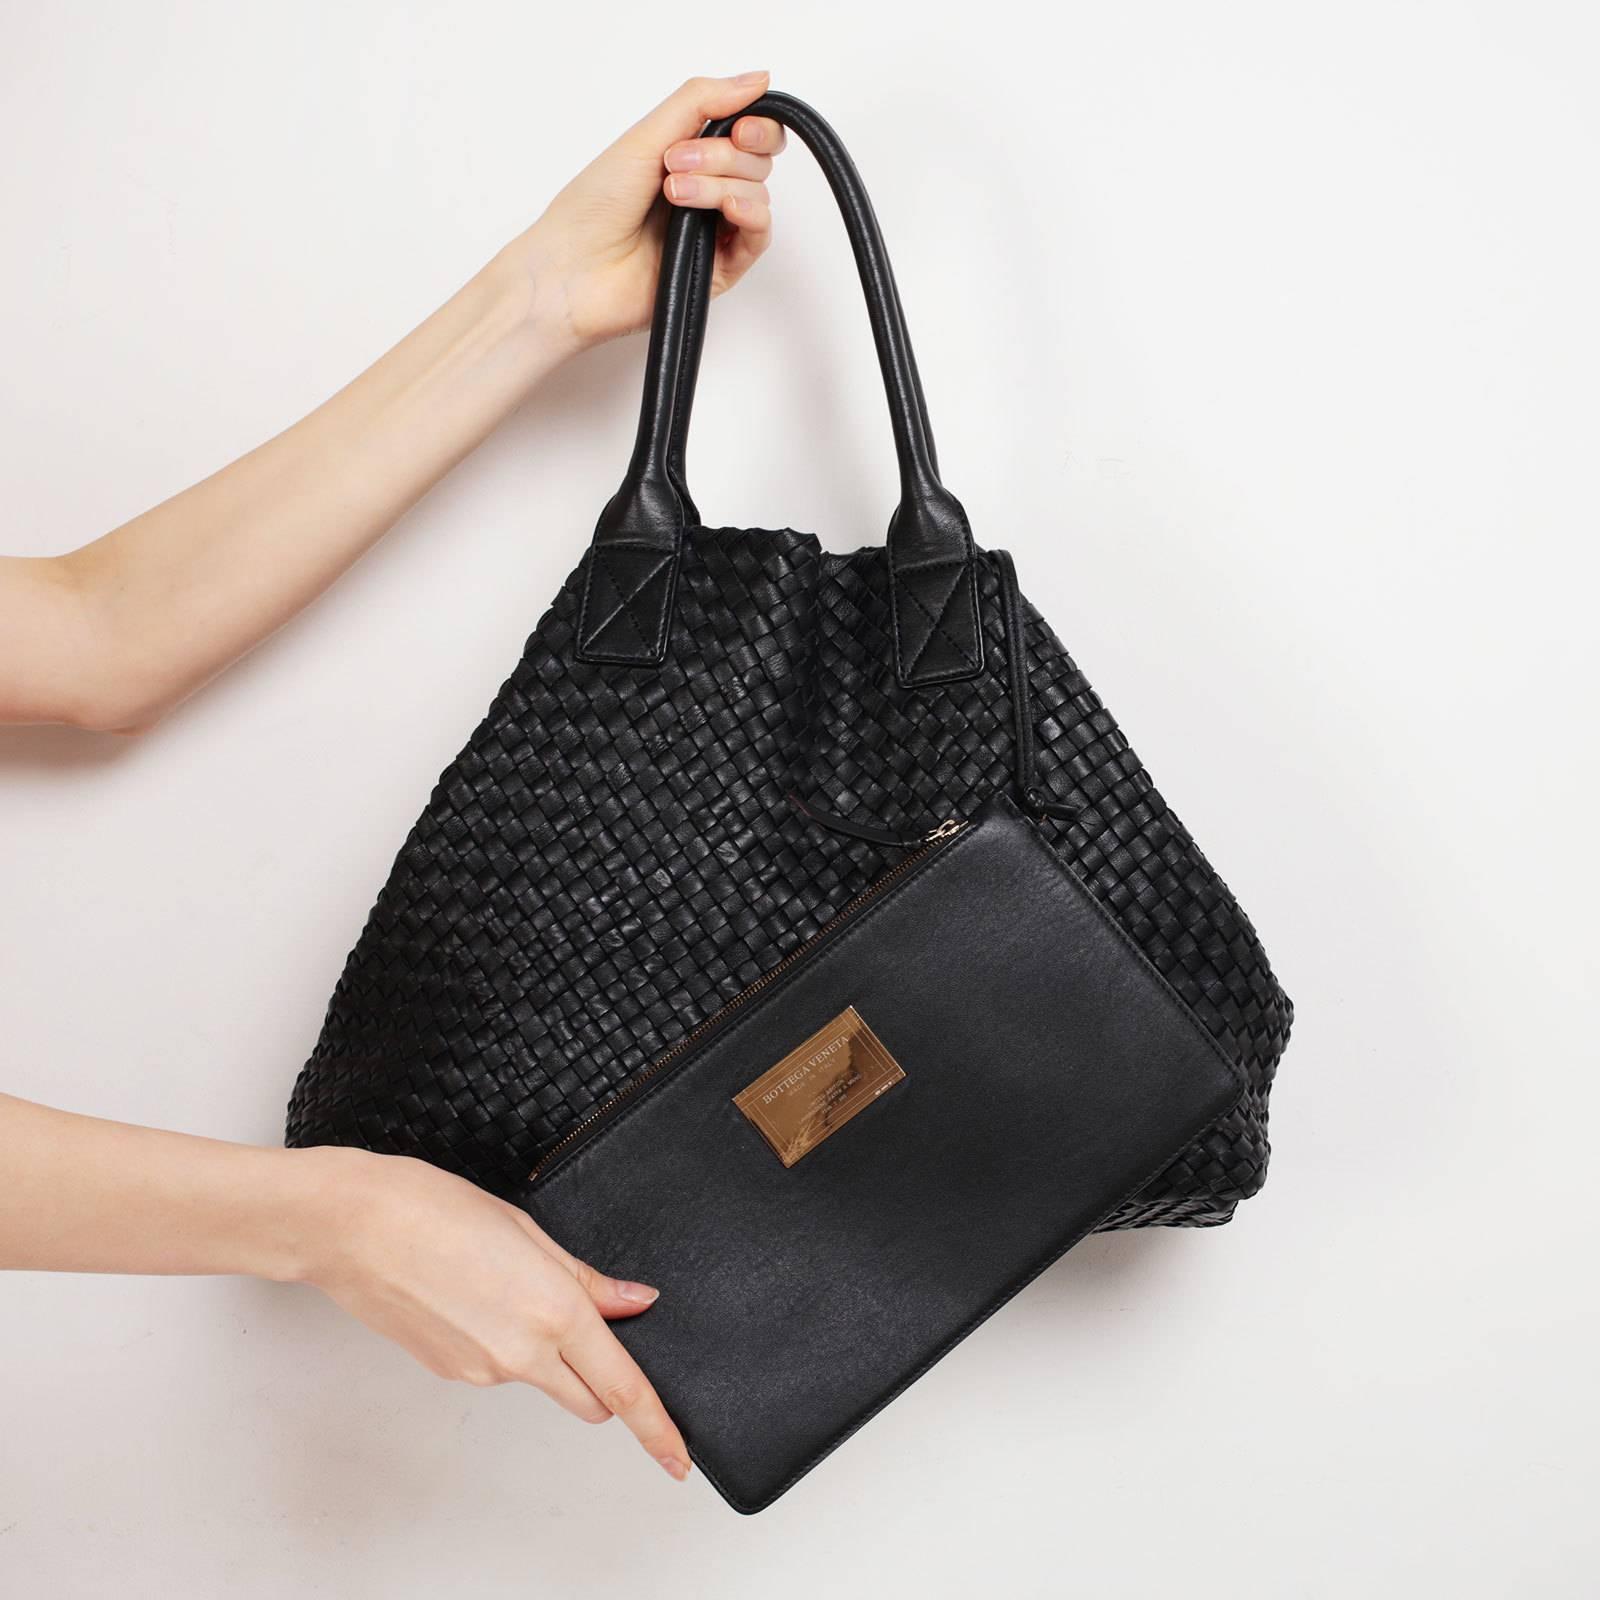 Сумки Bottega Veneta: купить сумку Боттега Венета в магазине Имидж